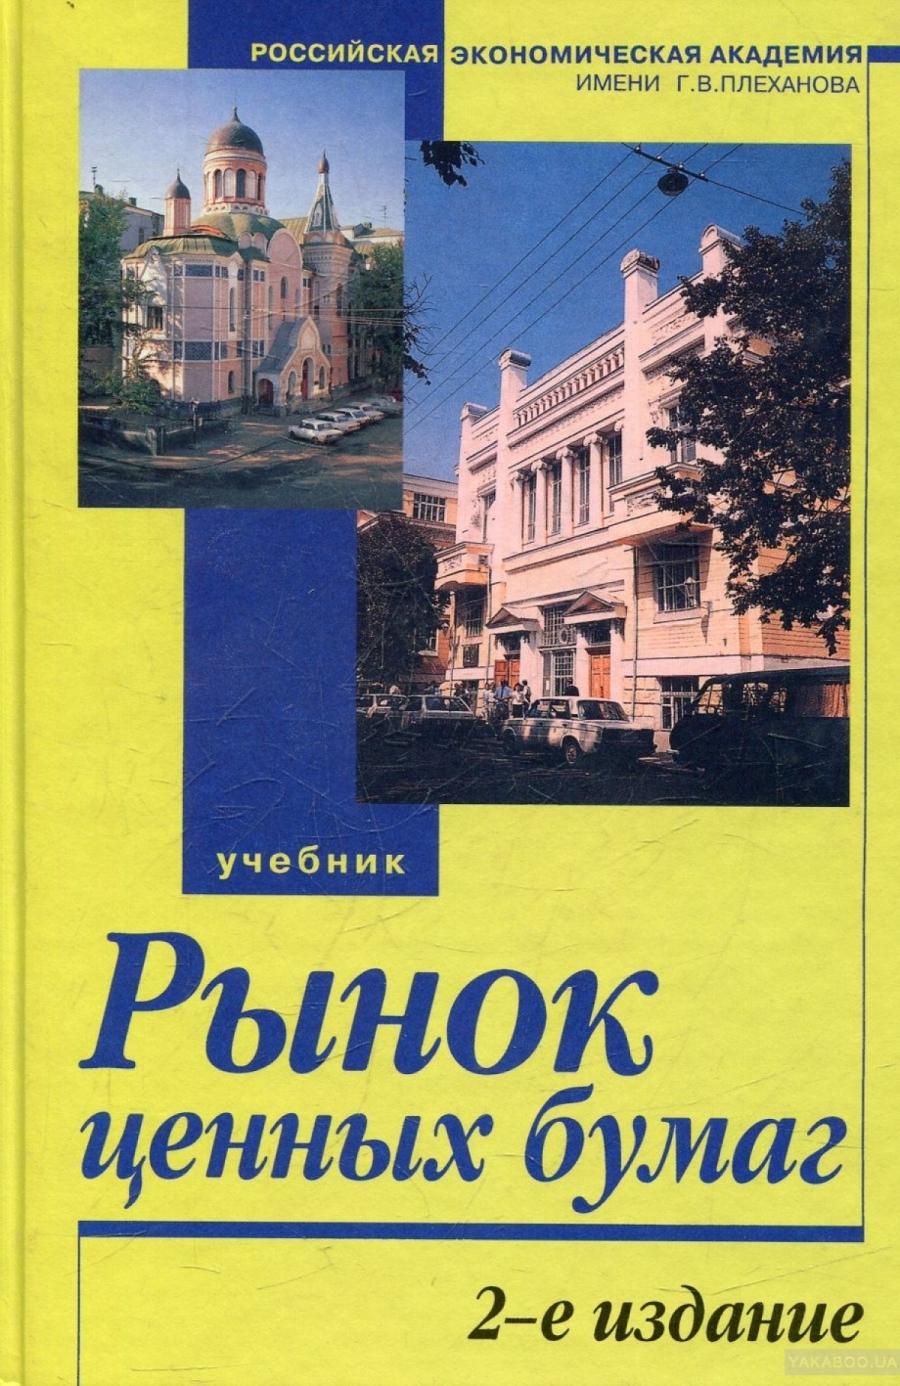 Обложка книги:  b. a. галанов, a. и. басов - биржевое дело